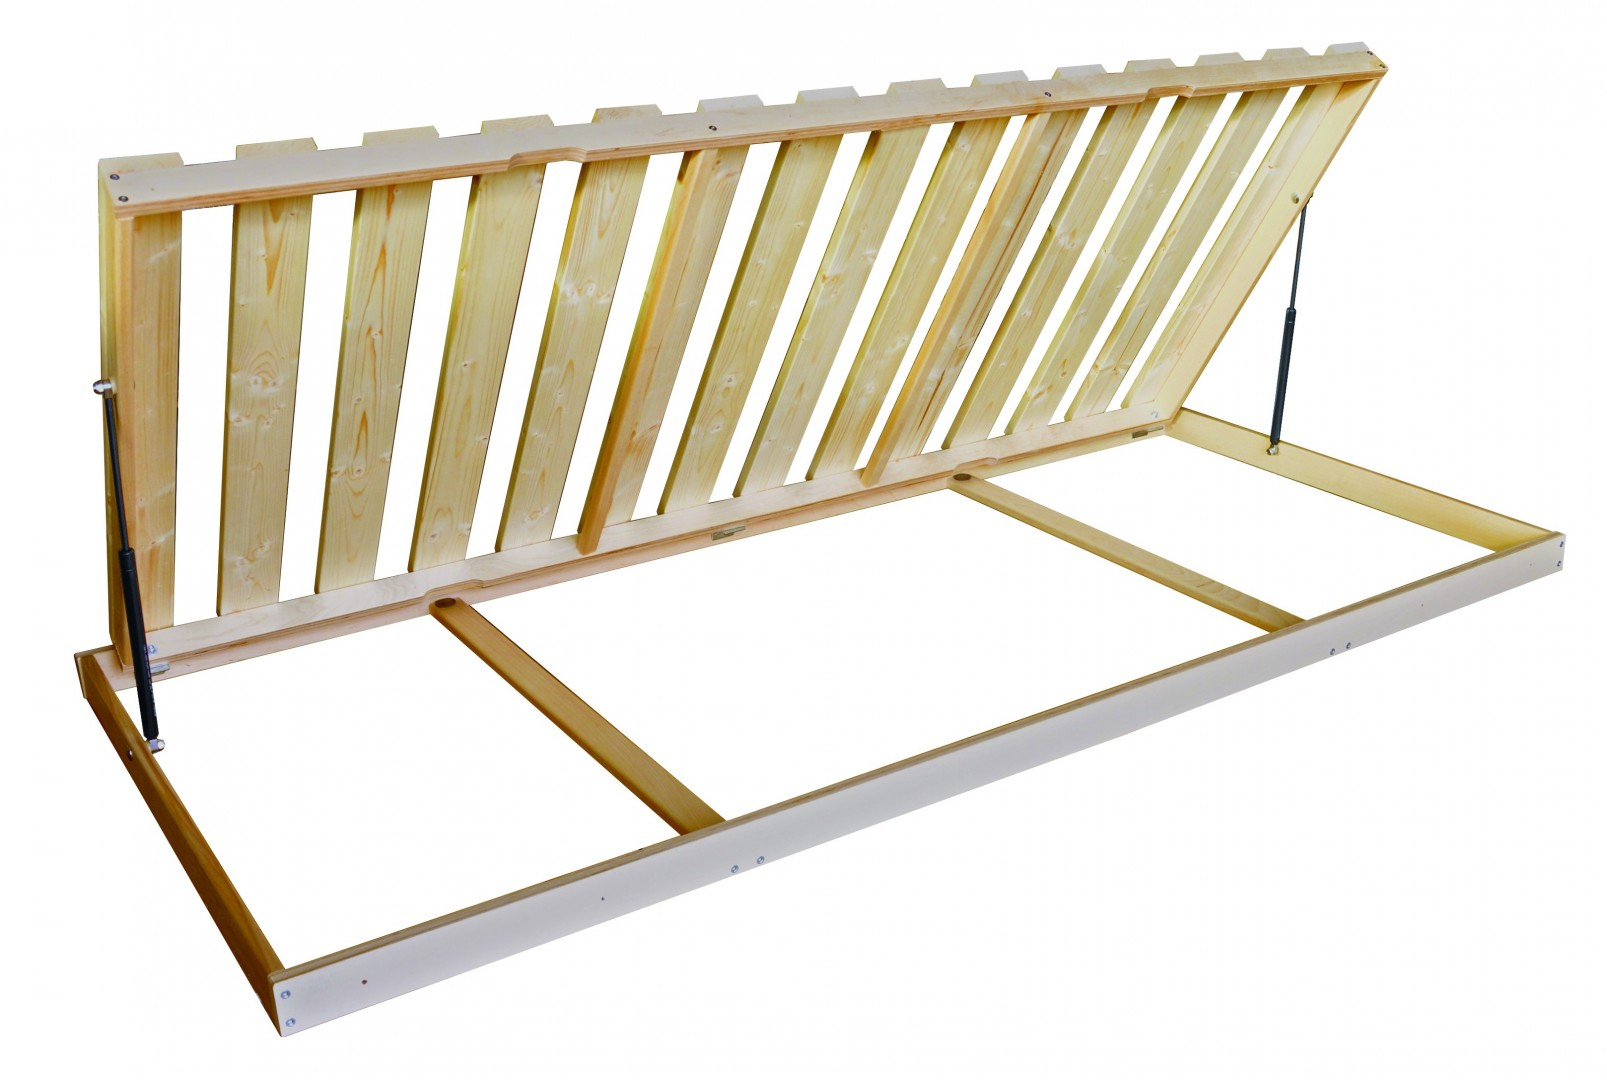 Texpol MASÍV ŠTANDARD BOČNÝ VÝKLOP - latový rošt s nosnosťou 120 kg 120 x 200 cm, smrek